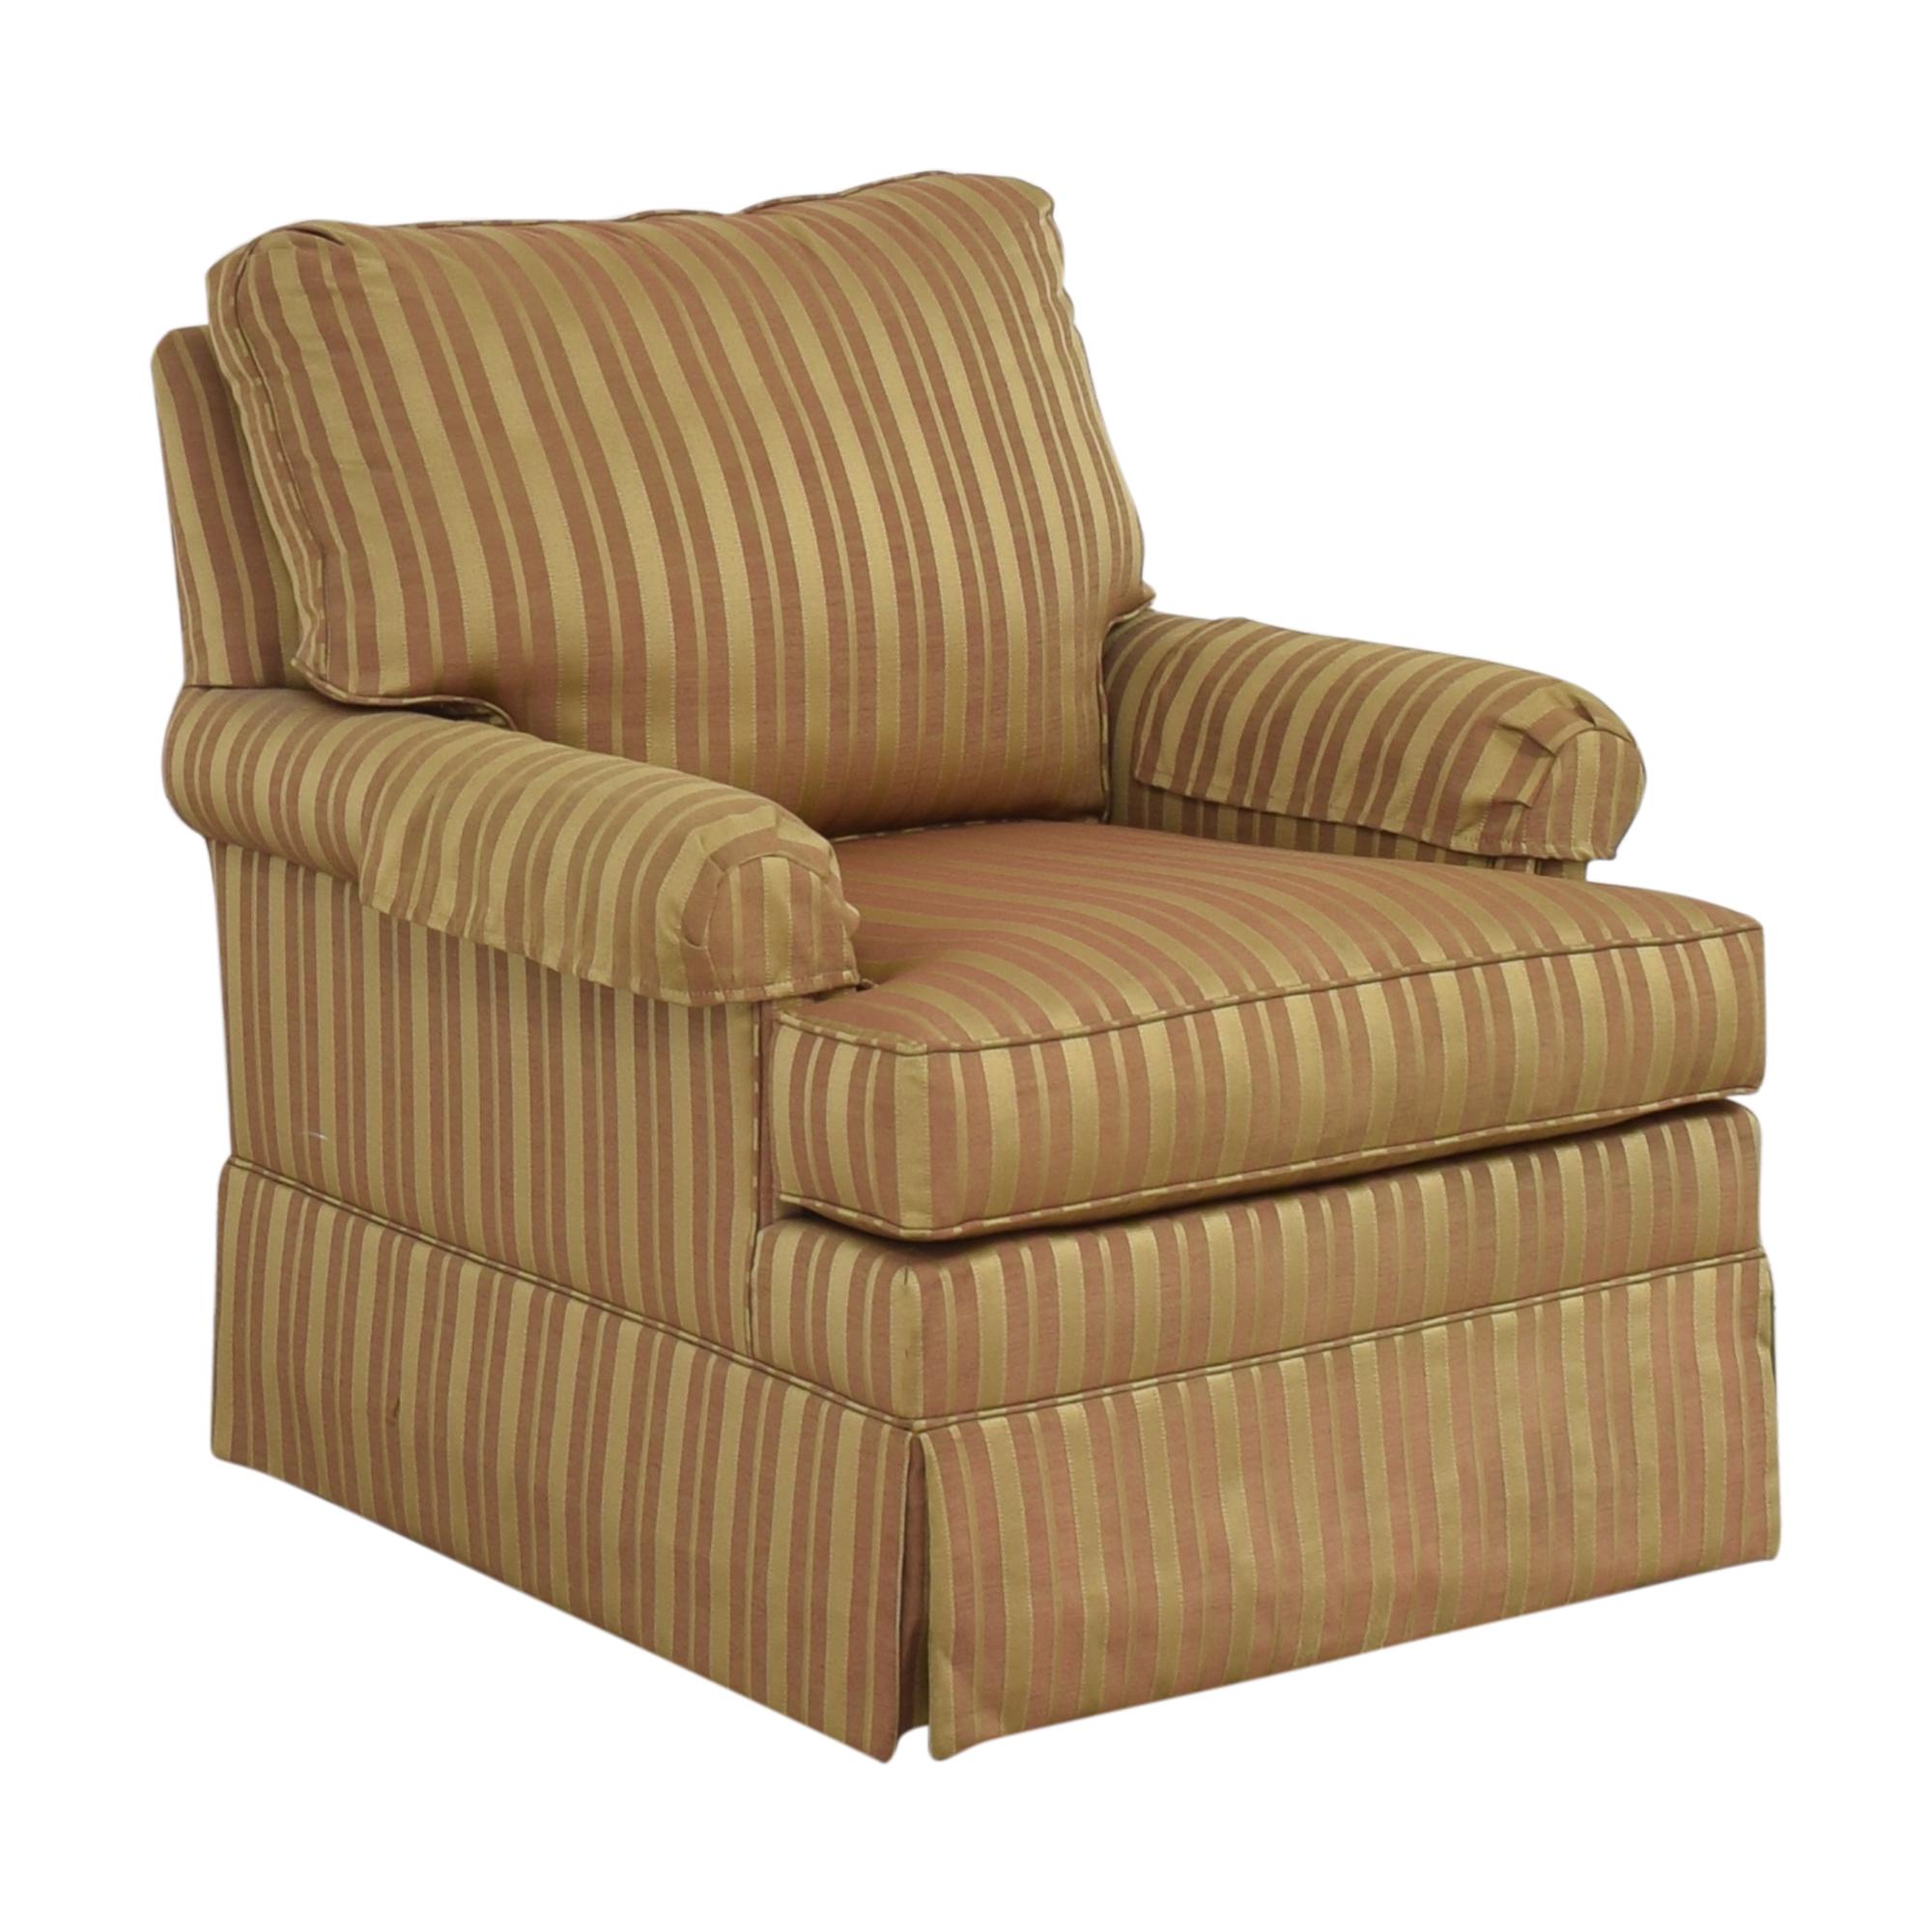 Ethan Allen Ethan Allen Mr. Chair ct